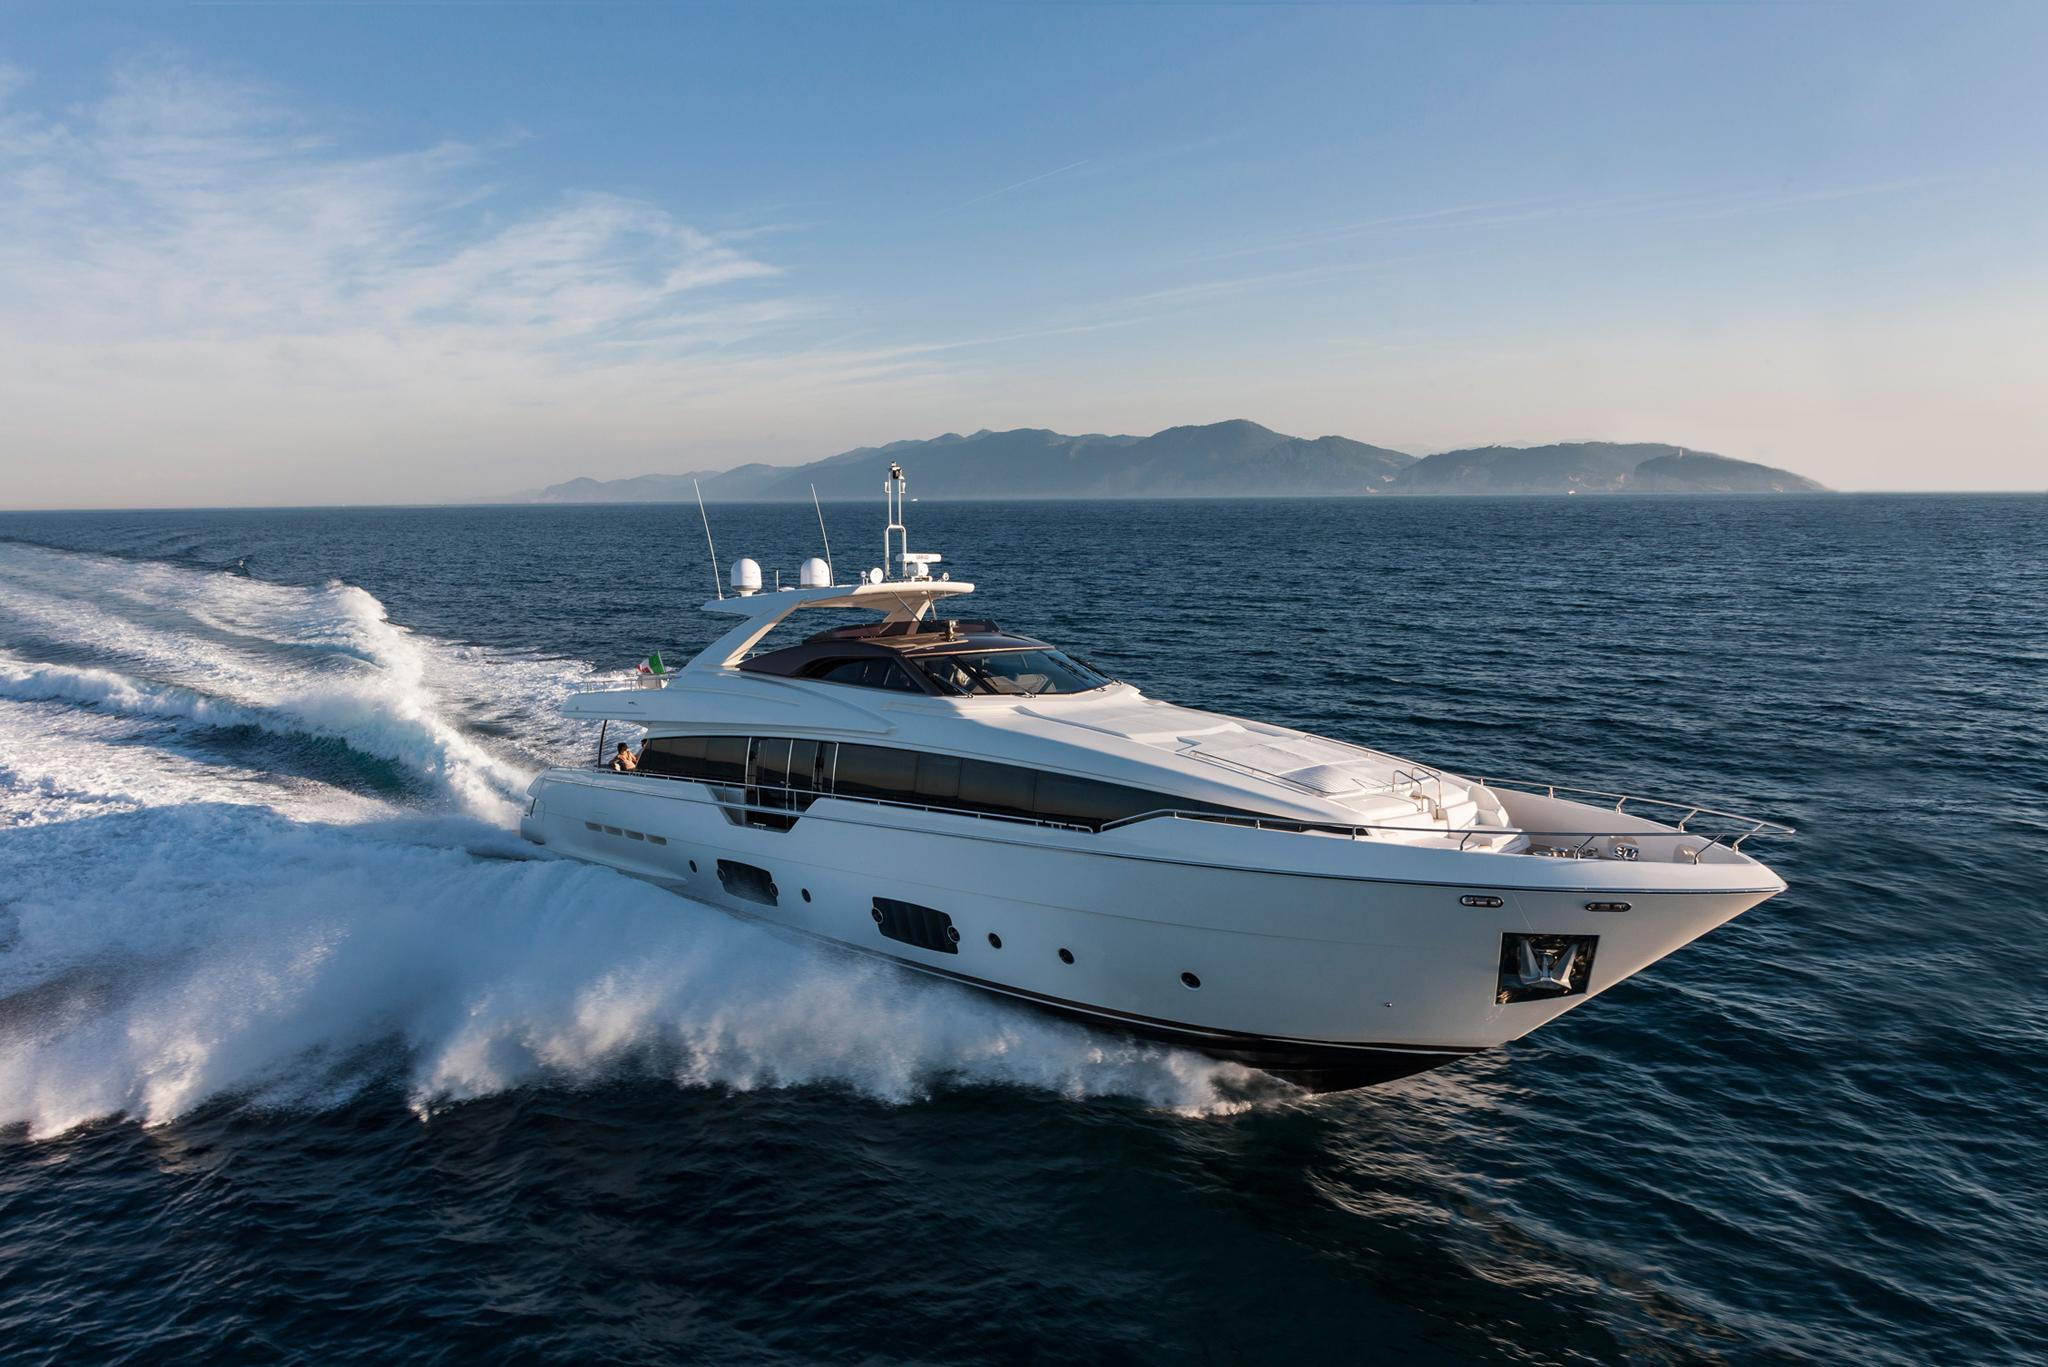 The Ferretti Yachts 670